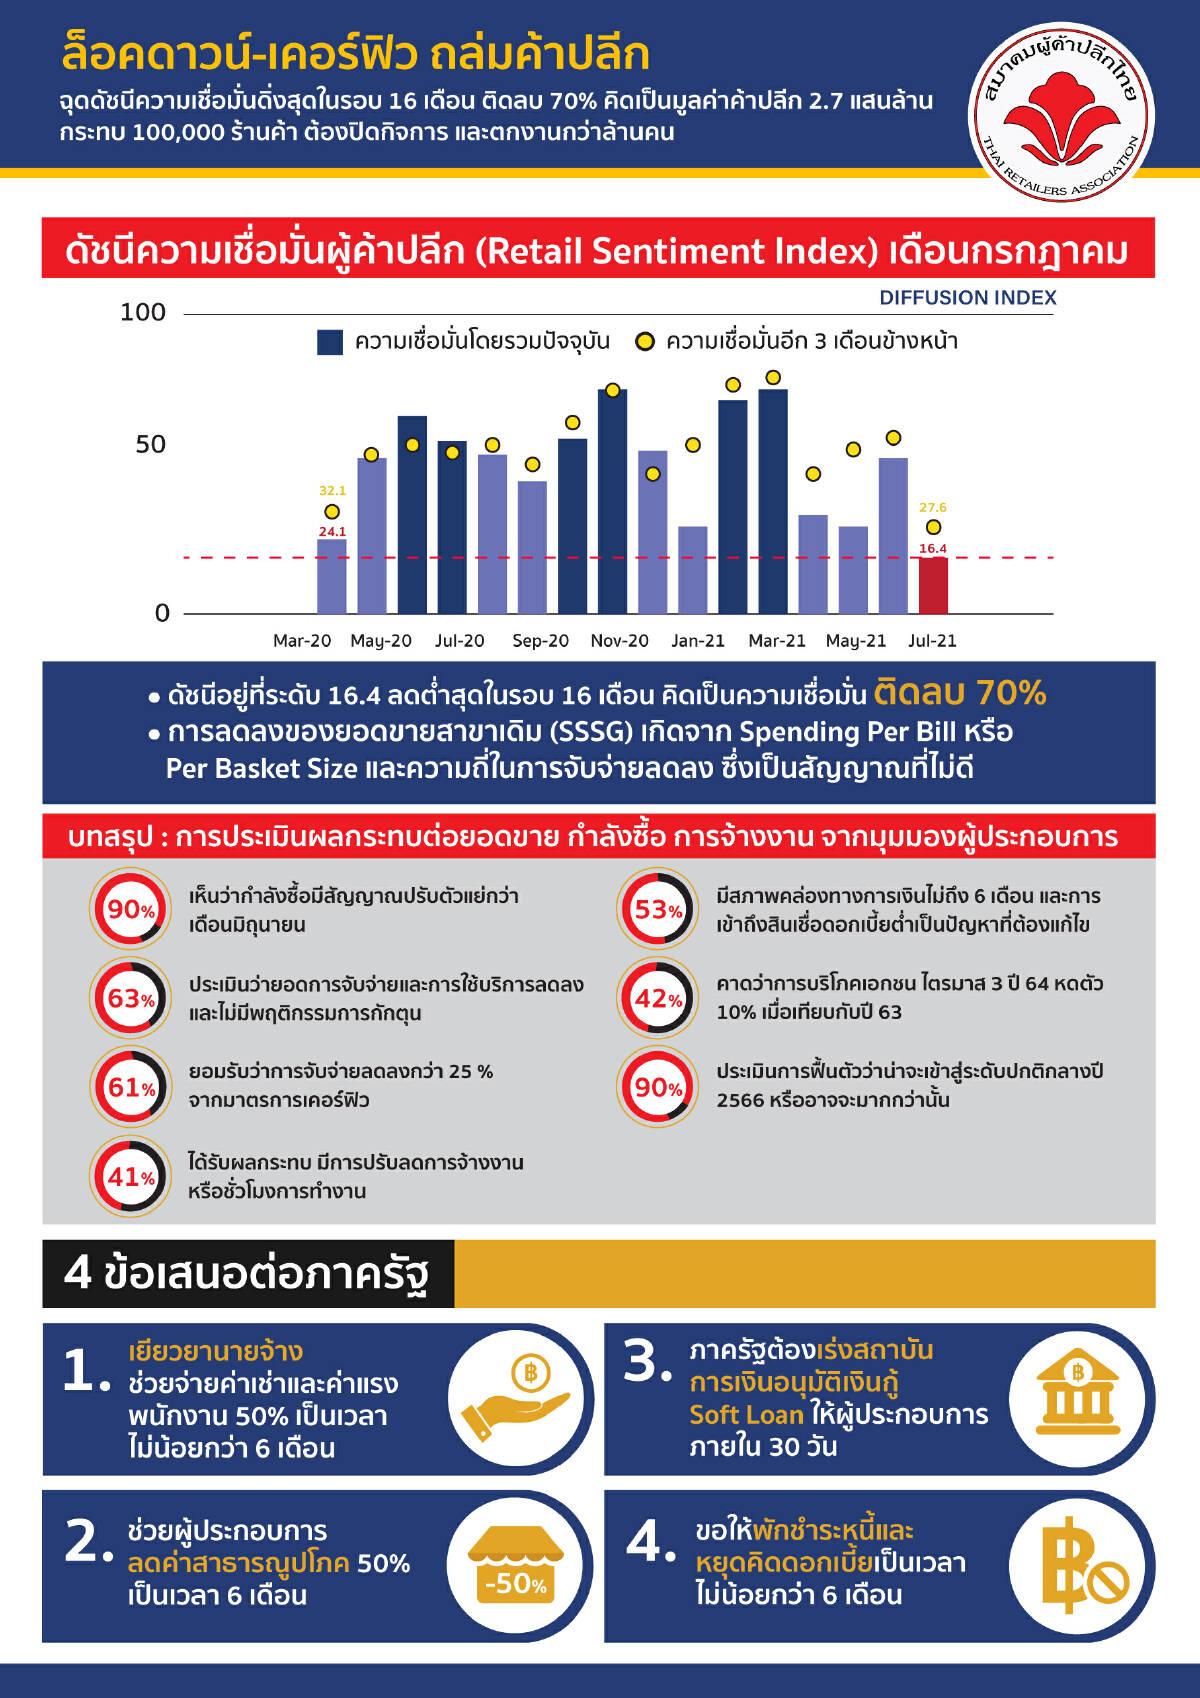 ล็อคดาวน์-เคอร์ฟิว ฉุดดัชนีค้าปลีกดิ่ง ติดลบ 70% ต่ำสุดในรอบ 16 เดือน